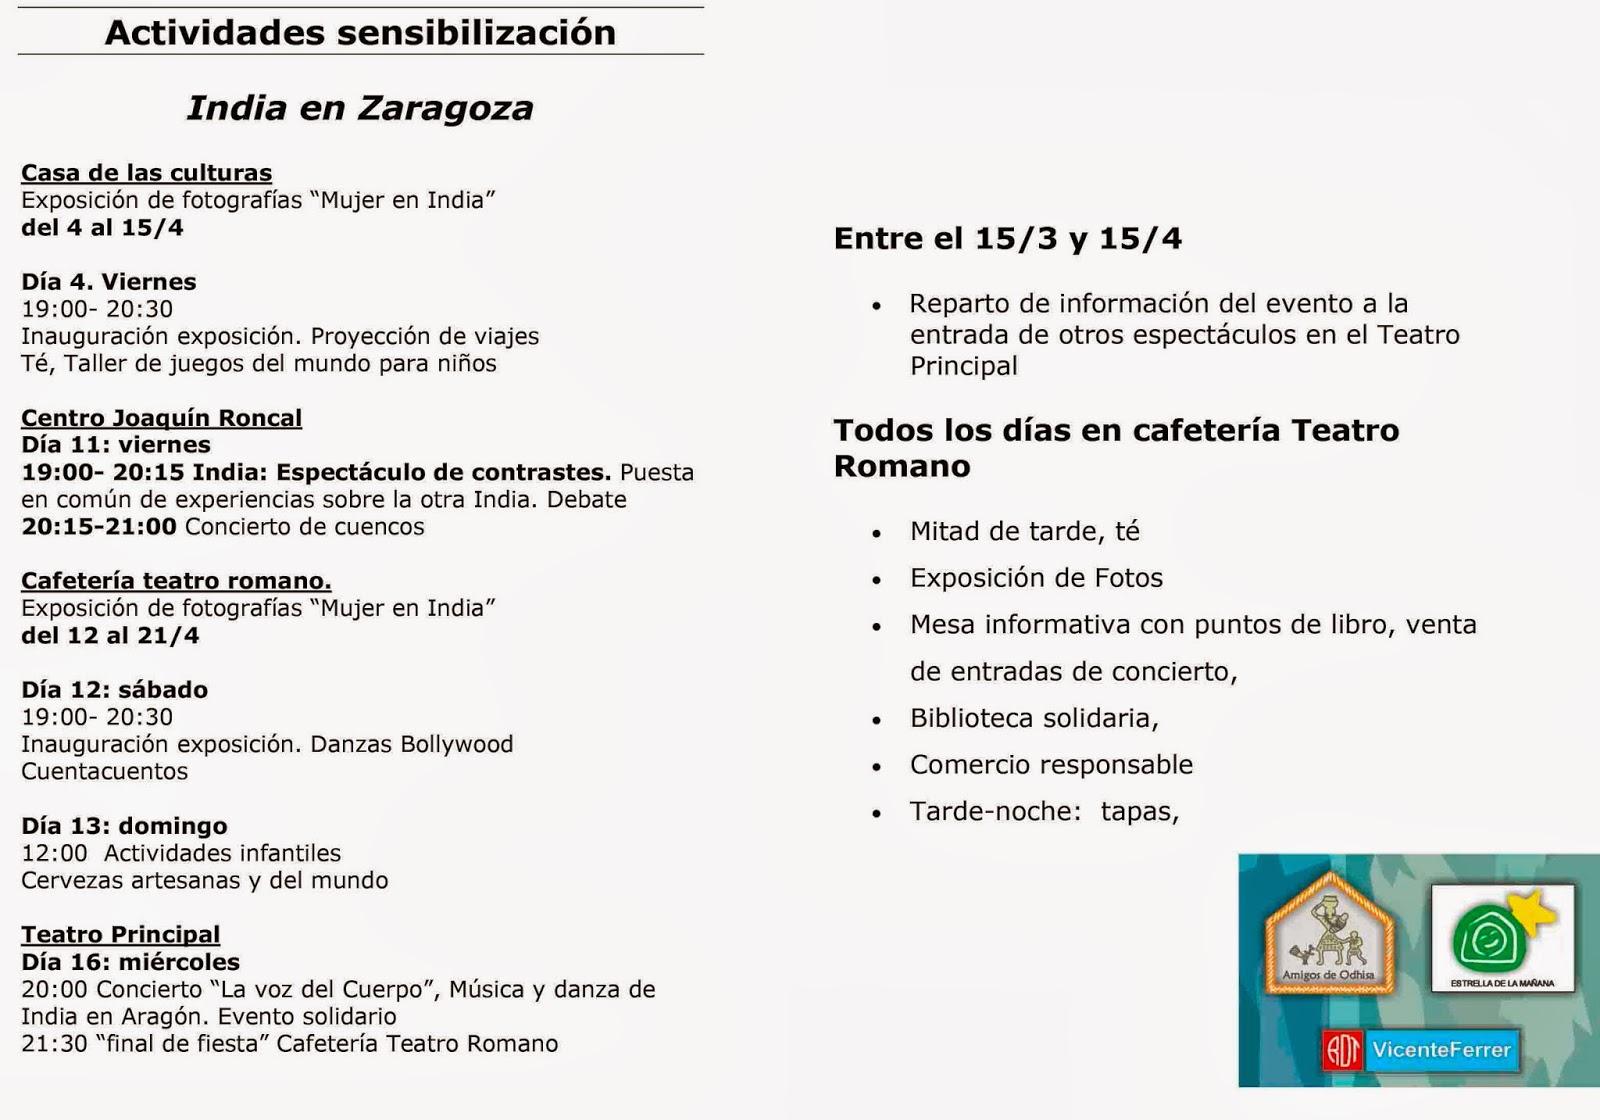 Jornadas India en Zaragoza (hasta el 15 de abril)